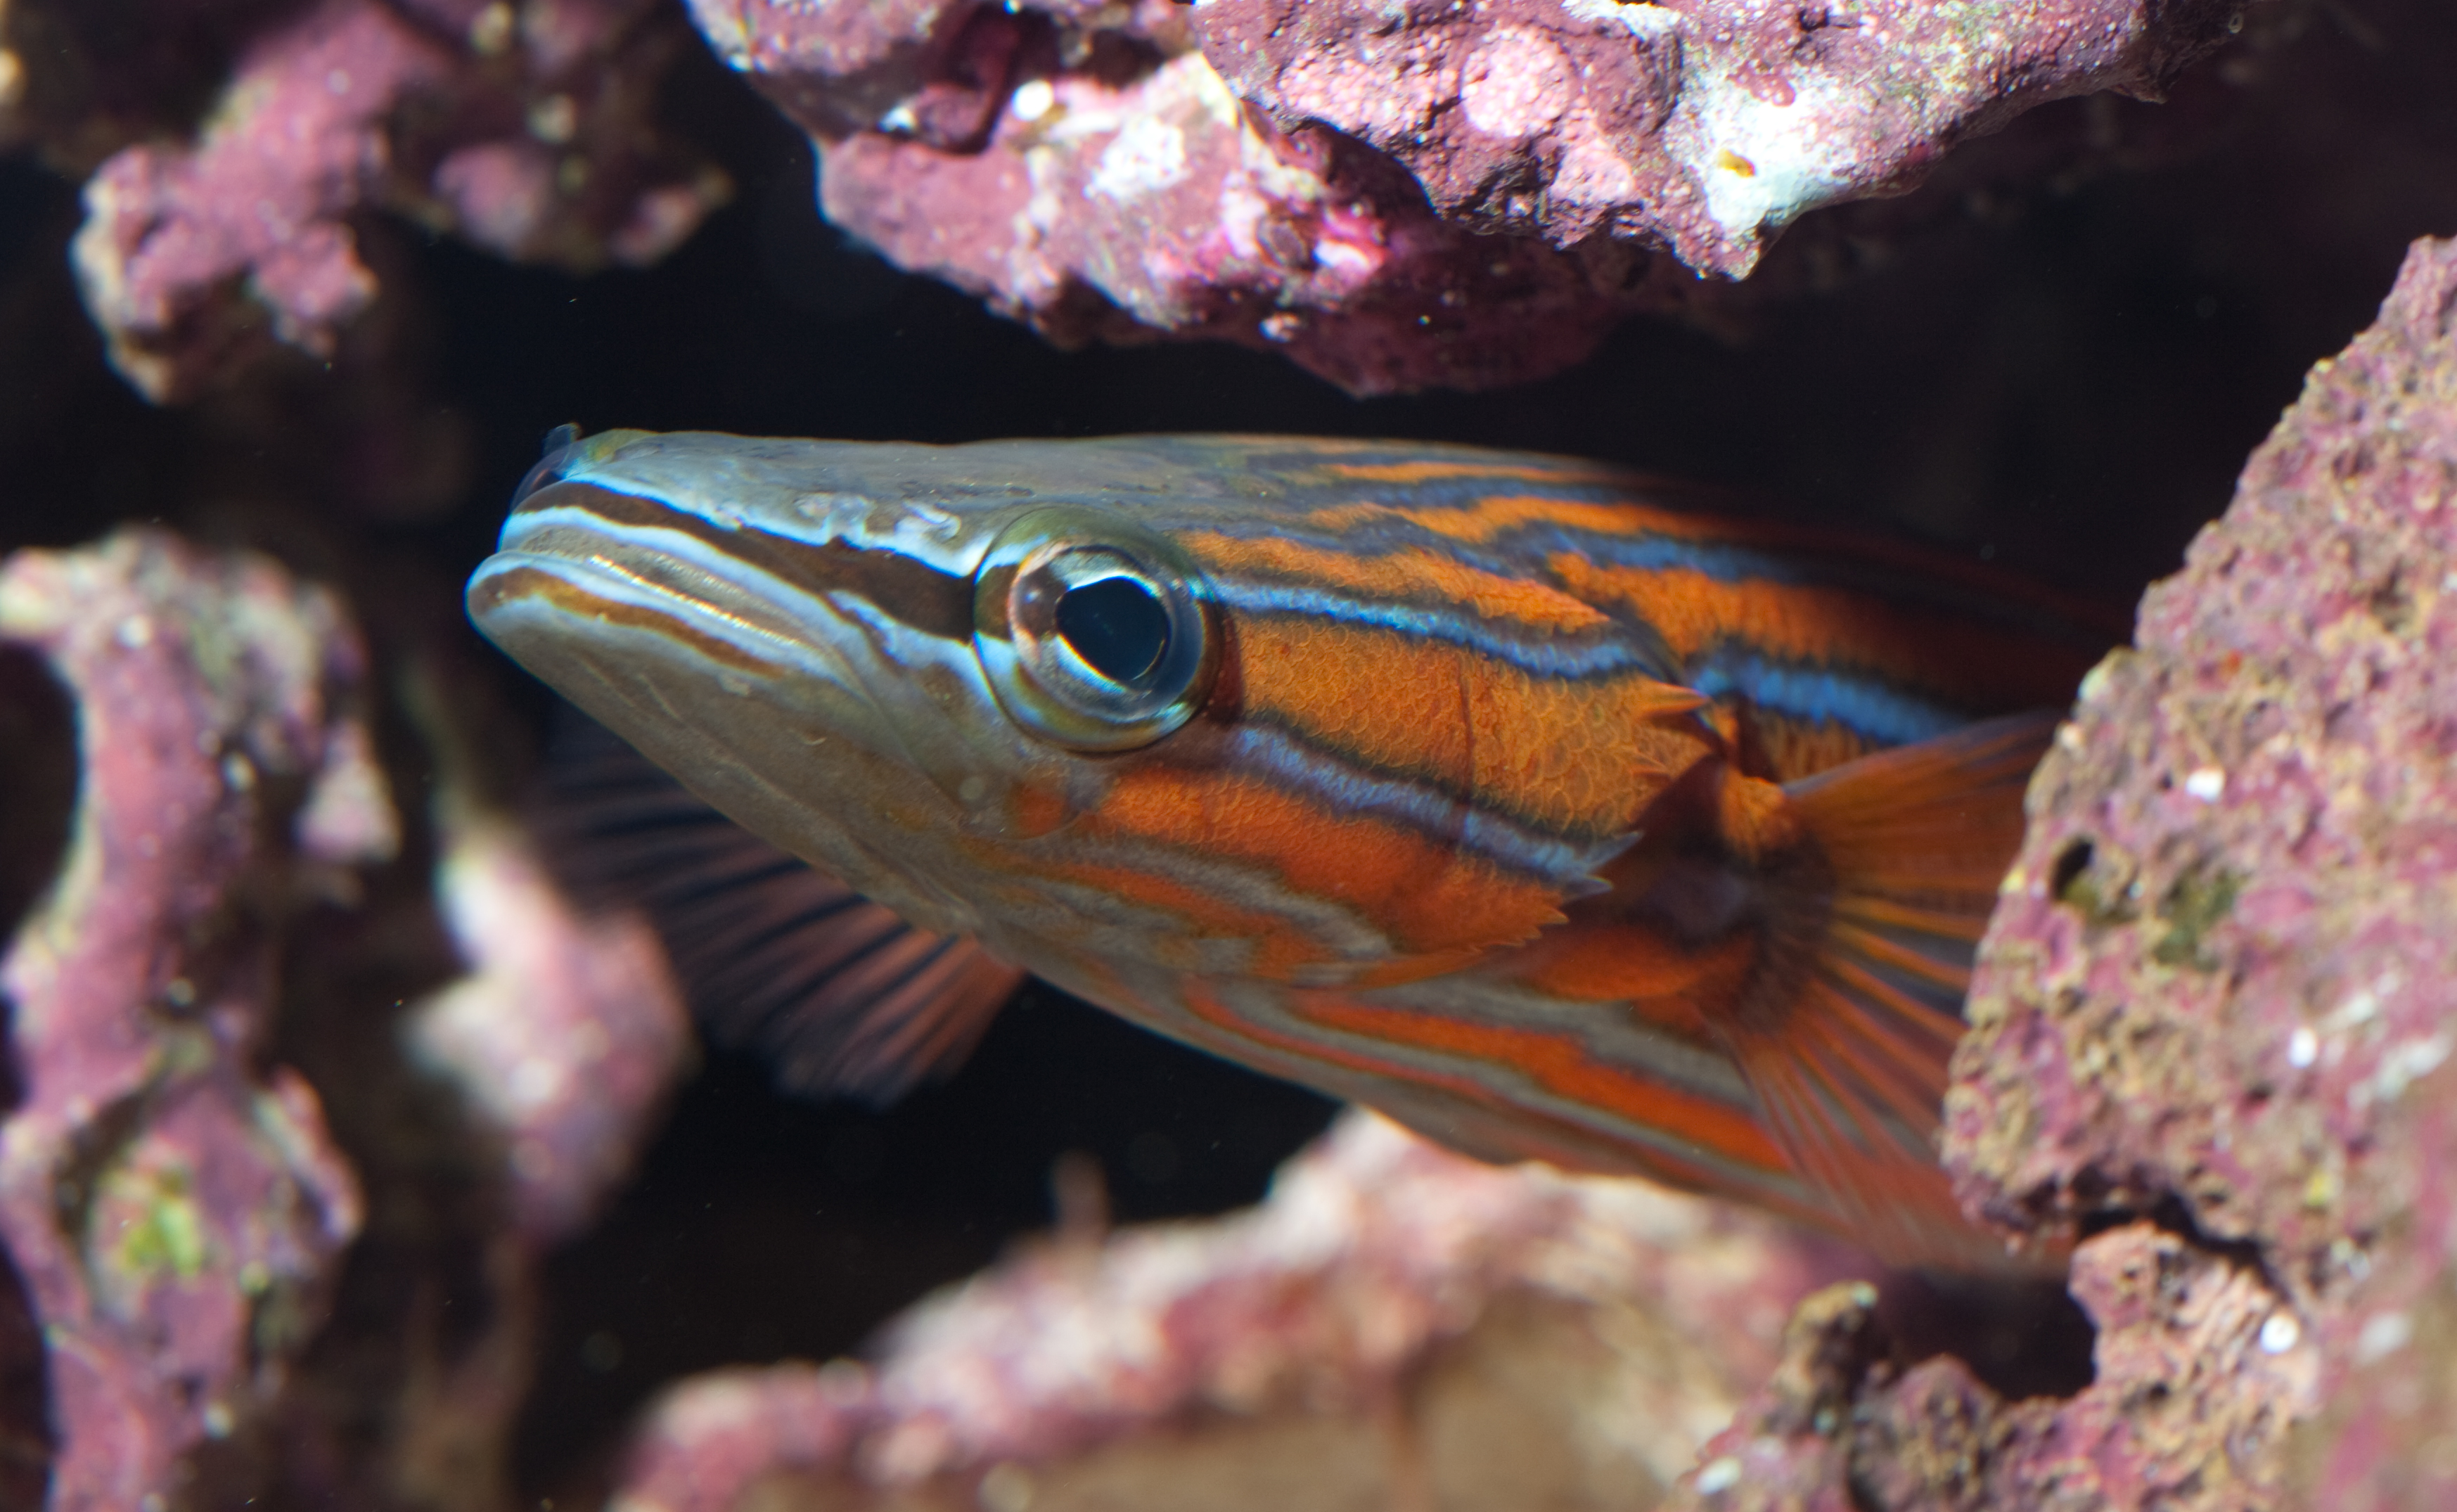 male-flathead-perch-in-broodstock-tank